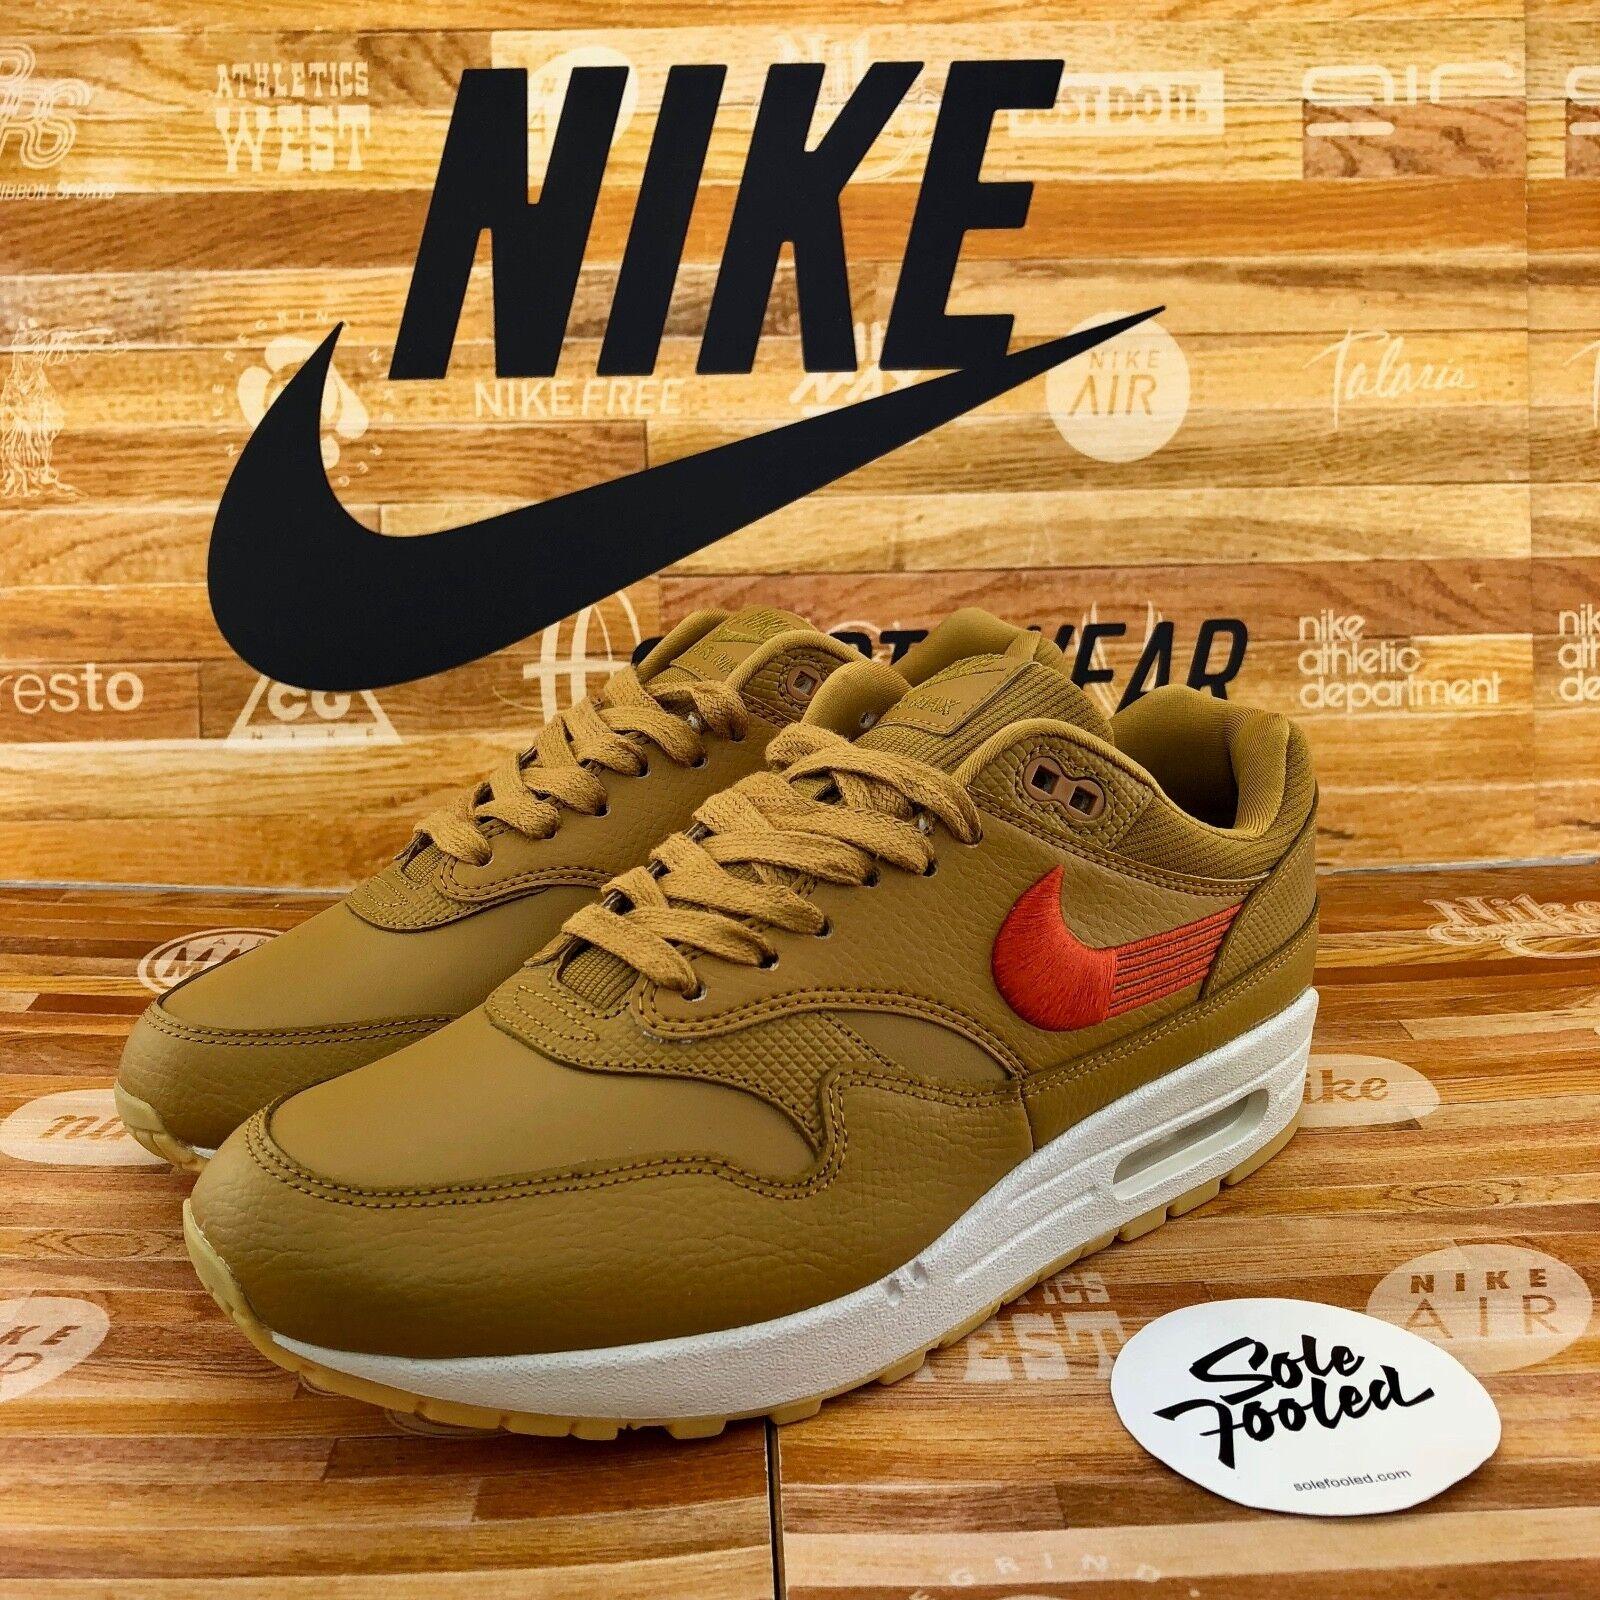 Nike WMNS Air Max 1 4547464 701 wheat Orange gum - 37 38 39 40 41 OG 87 90 95 97